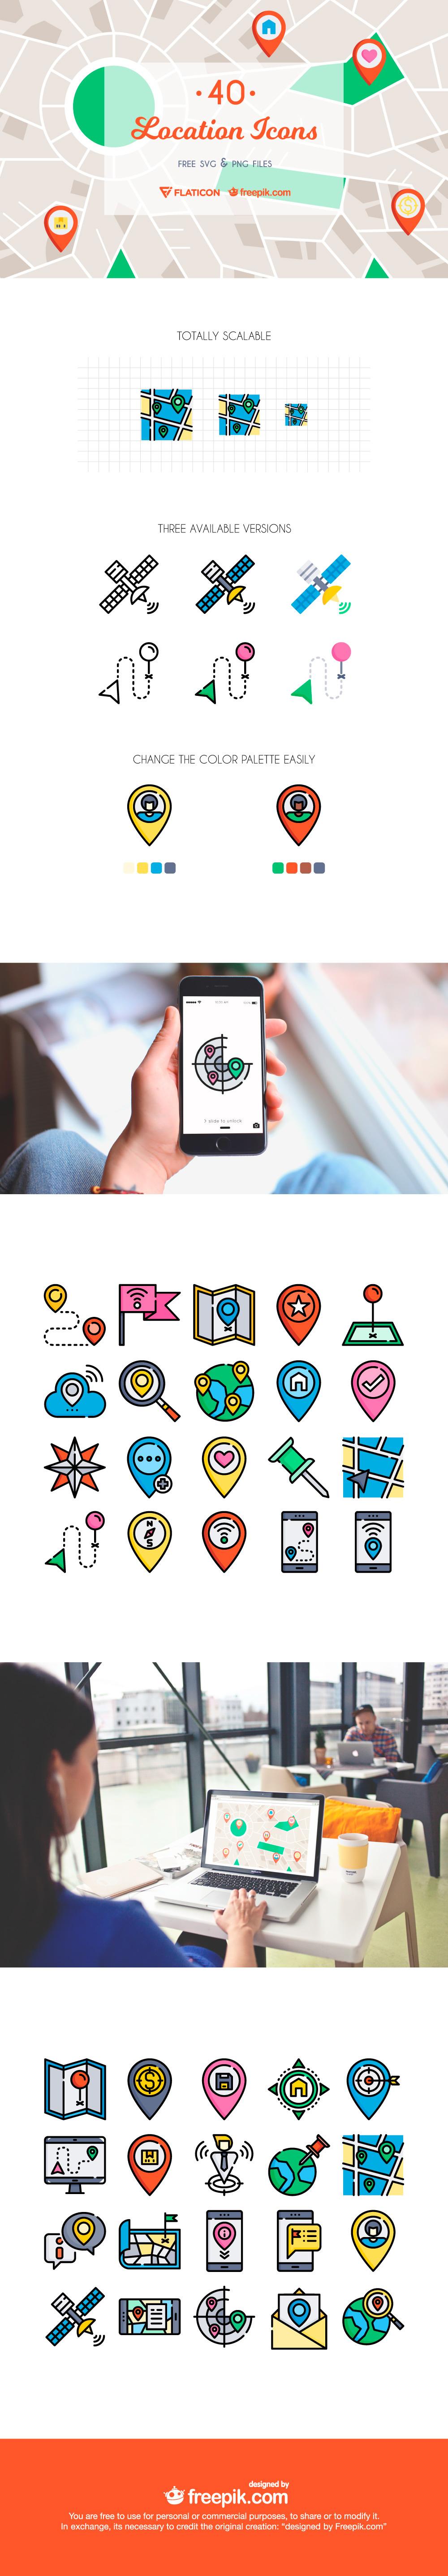 The Free Location Icon Set by Freepik